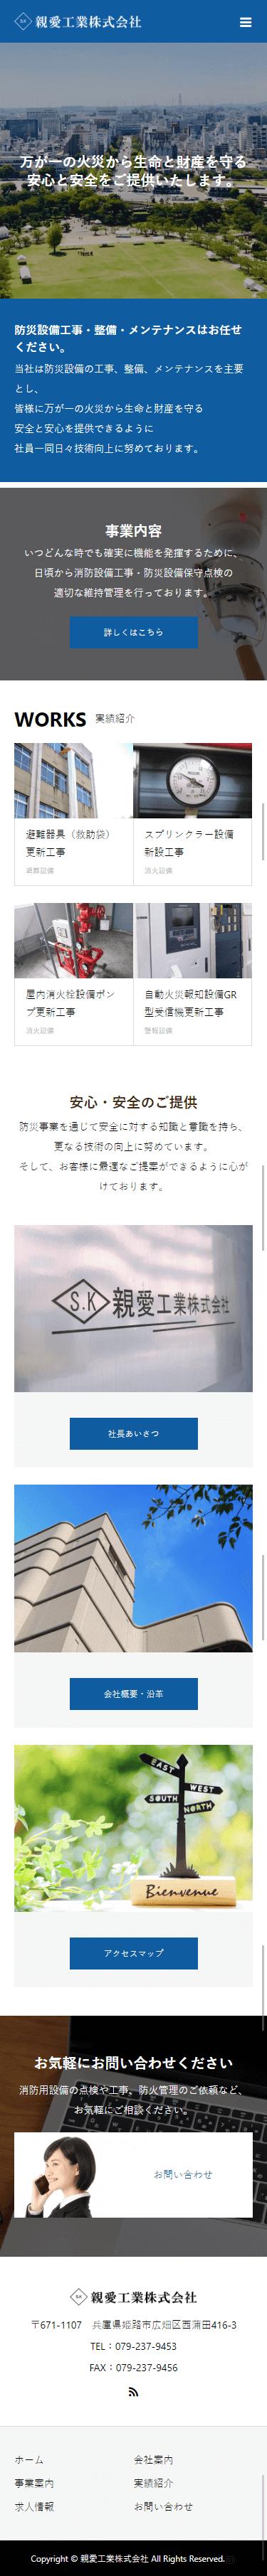 姫路市 親愛工業株式会社 ホームページ制作3